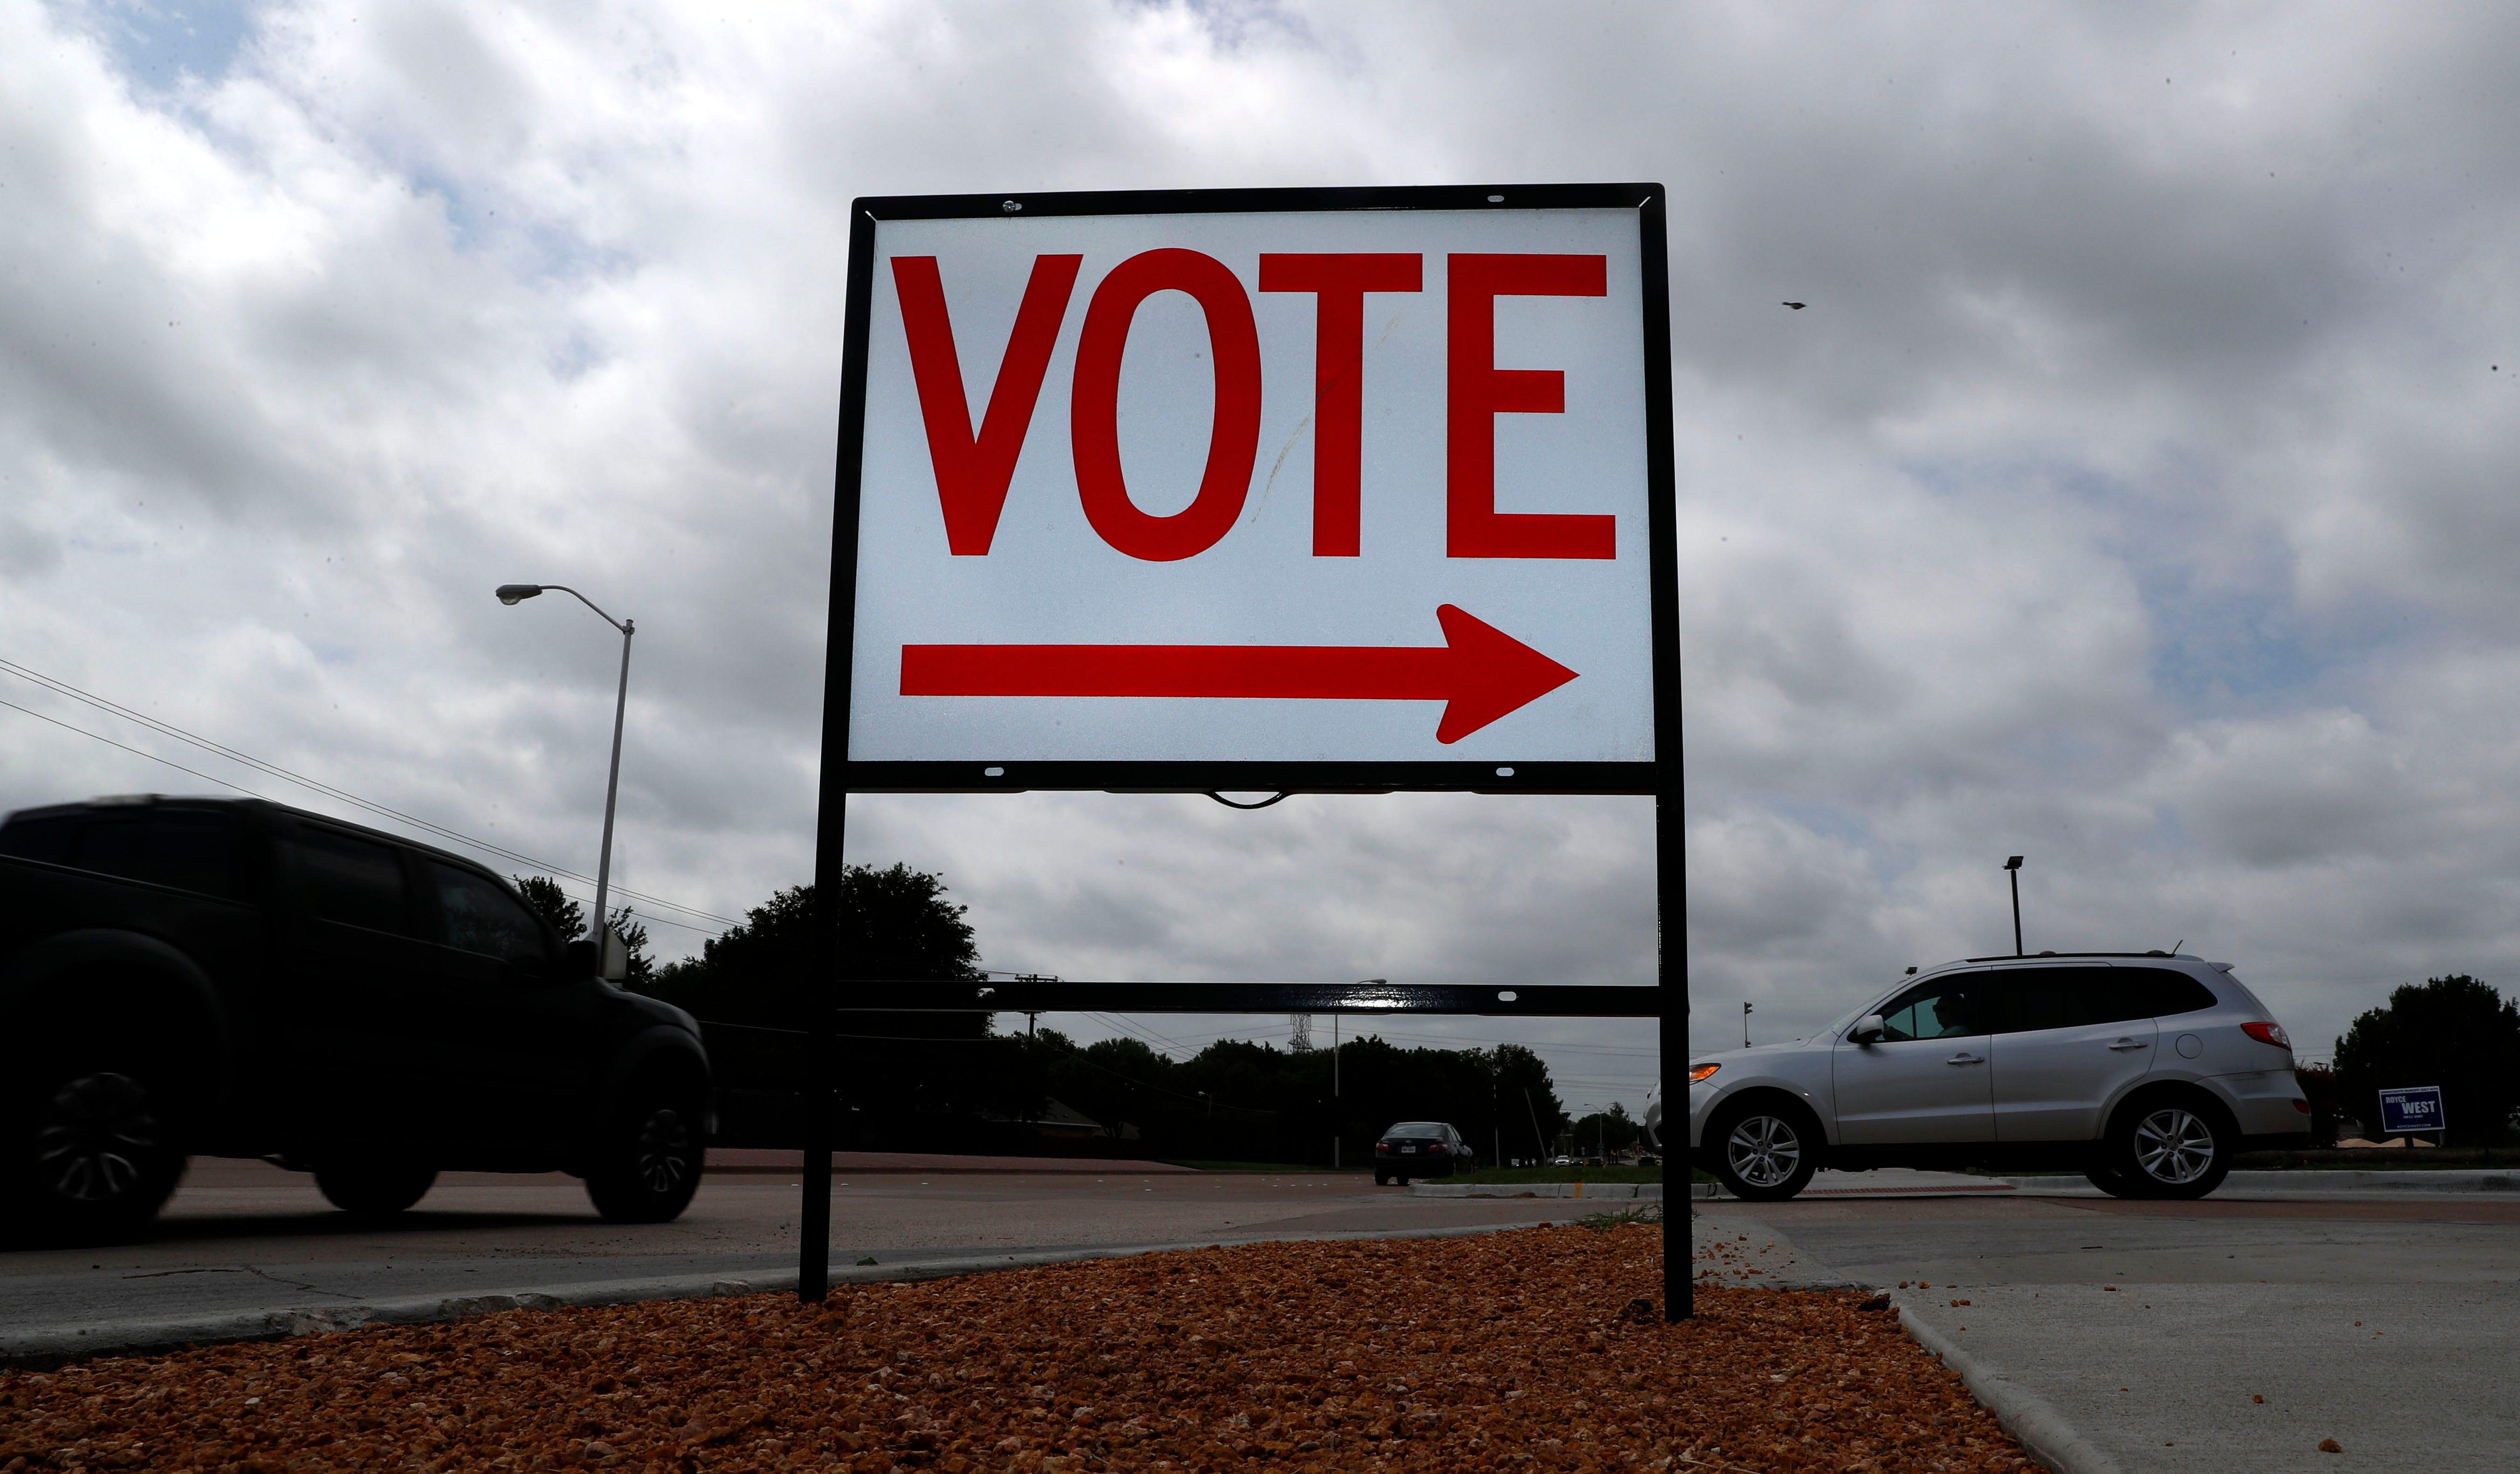 Federal judge blocks order limiting Texas ballot drop-off locations